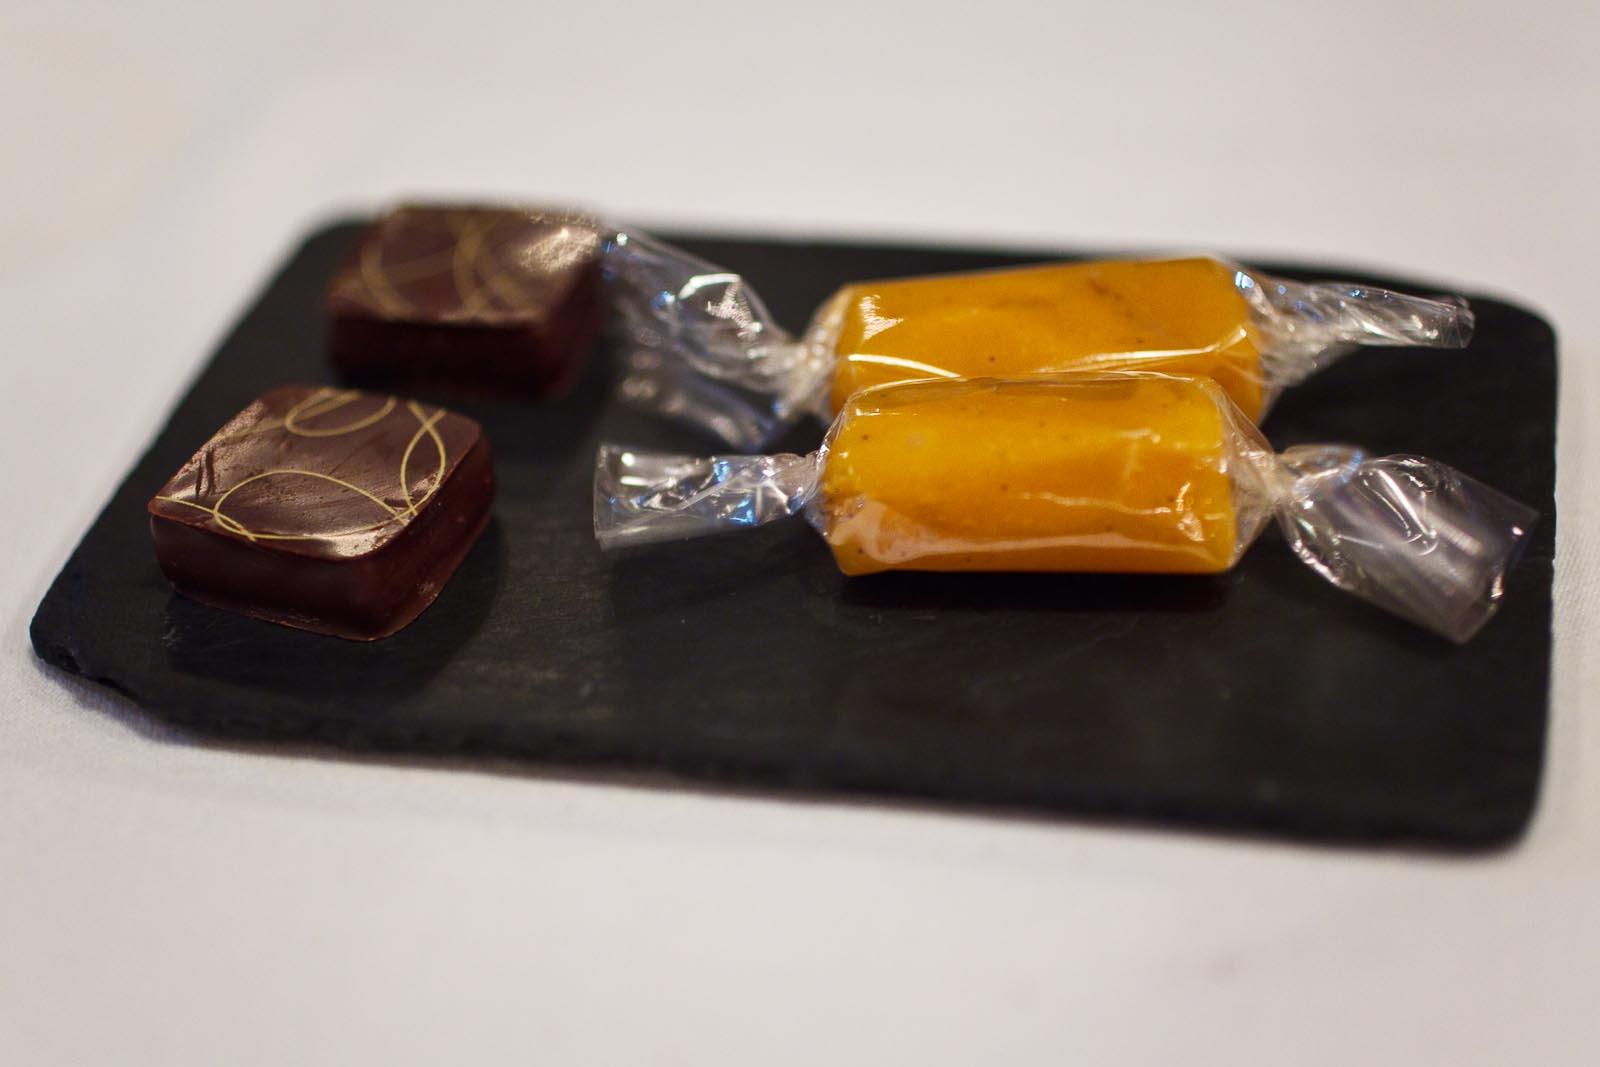 L'Agapé - Petit fours - Truffe à la fève tonka, crème caramel au fruit de la passion de Jacques Genin